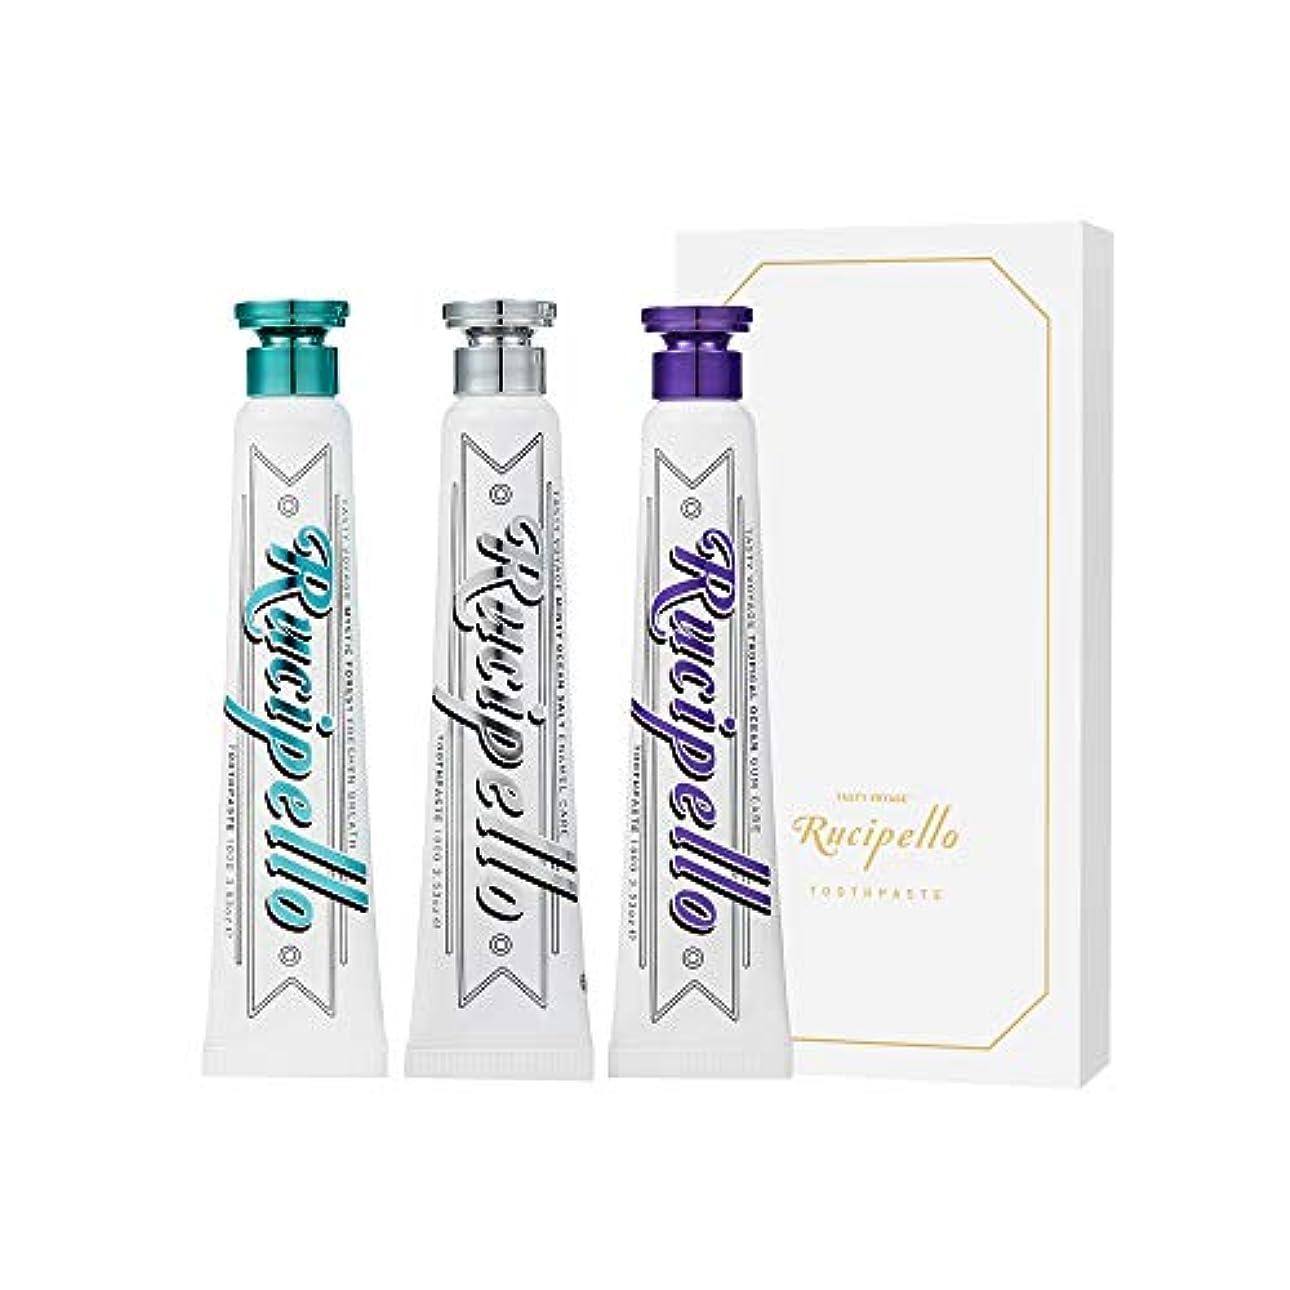 クリーク雷雨プレゼン[ルチペッロ] Rucipello 歯磨き粉3種のプレゼントセット 100g x 3 本 (海外直送品)